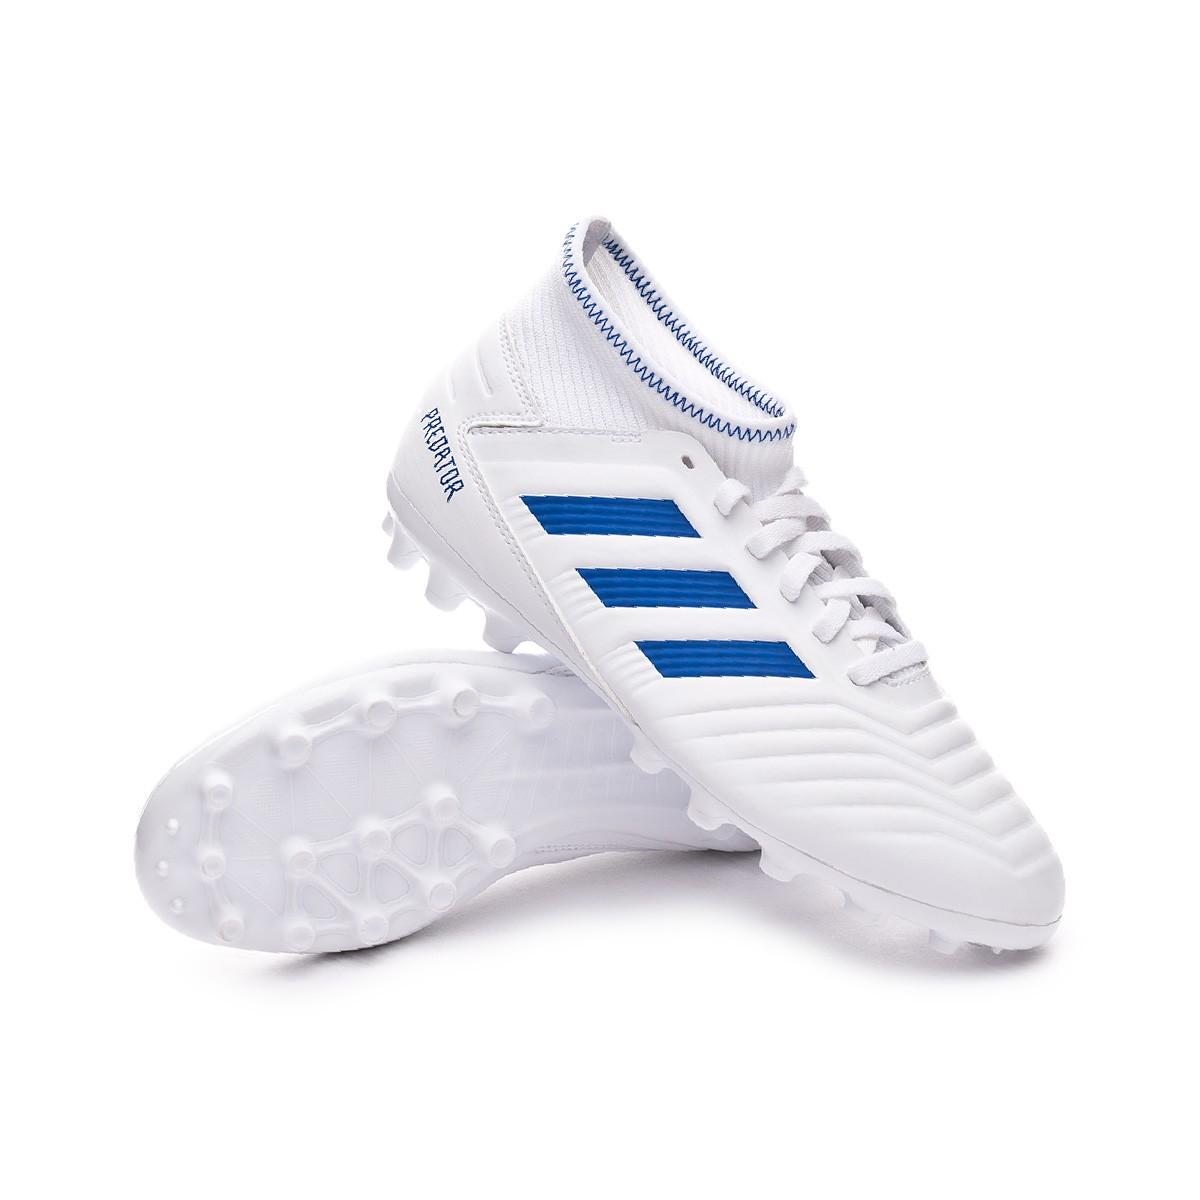 adidas Predator 19.3 AG Blau Schwarz